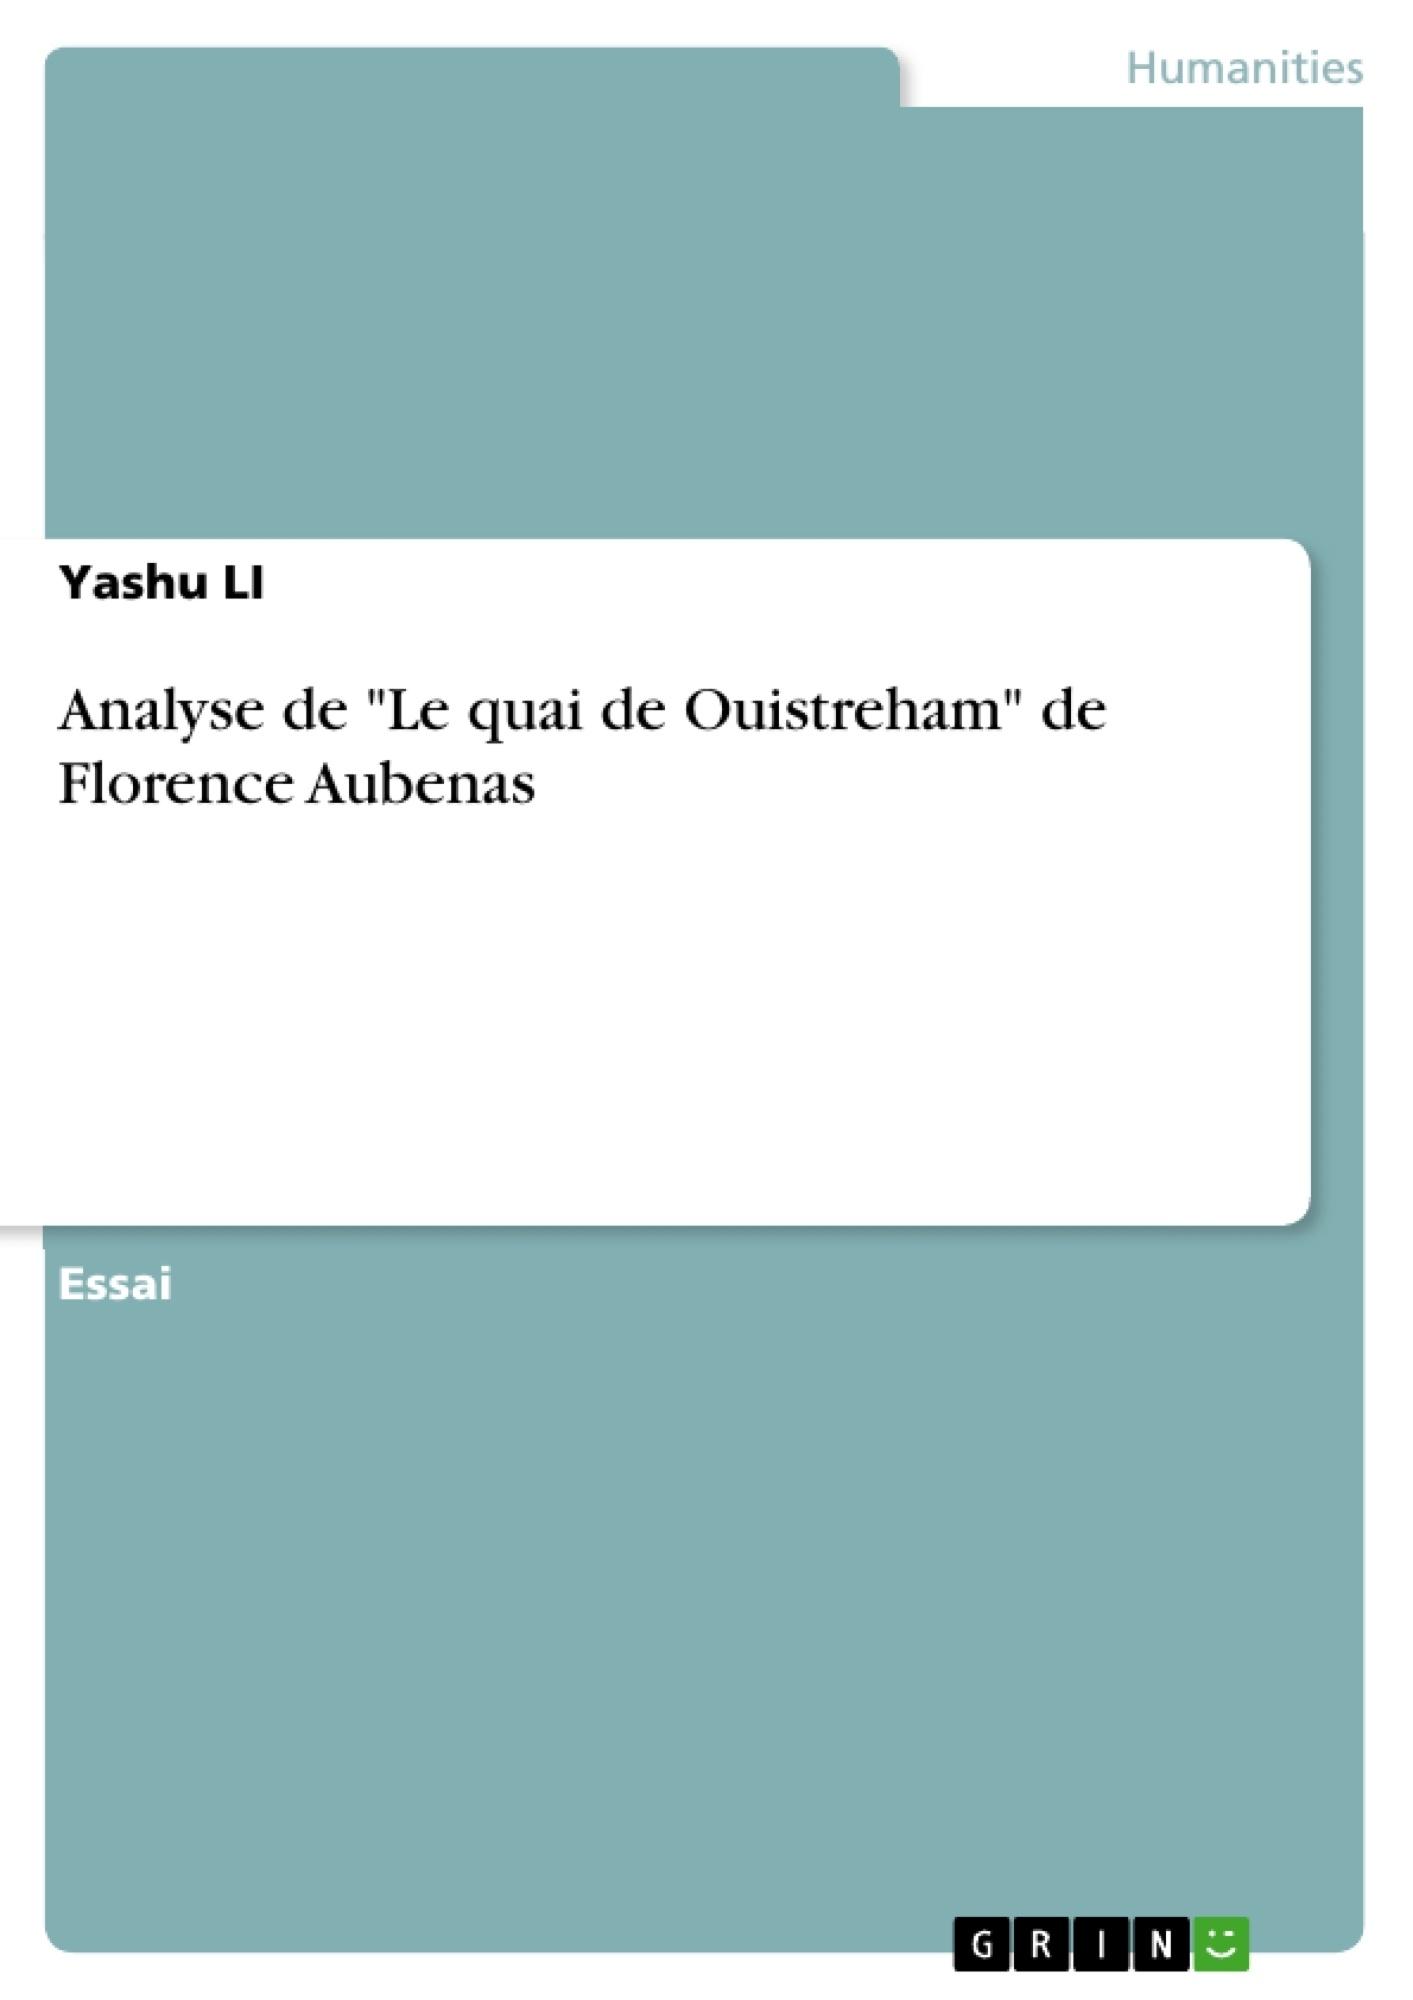 """Titre: Analyse de """"Le quai de Ouistreham"""" de Florence Aubenas"""